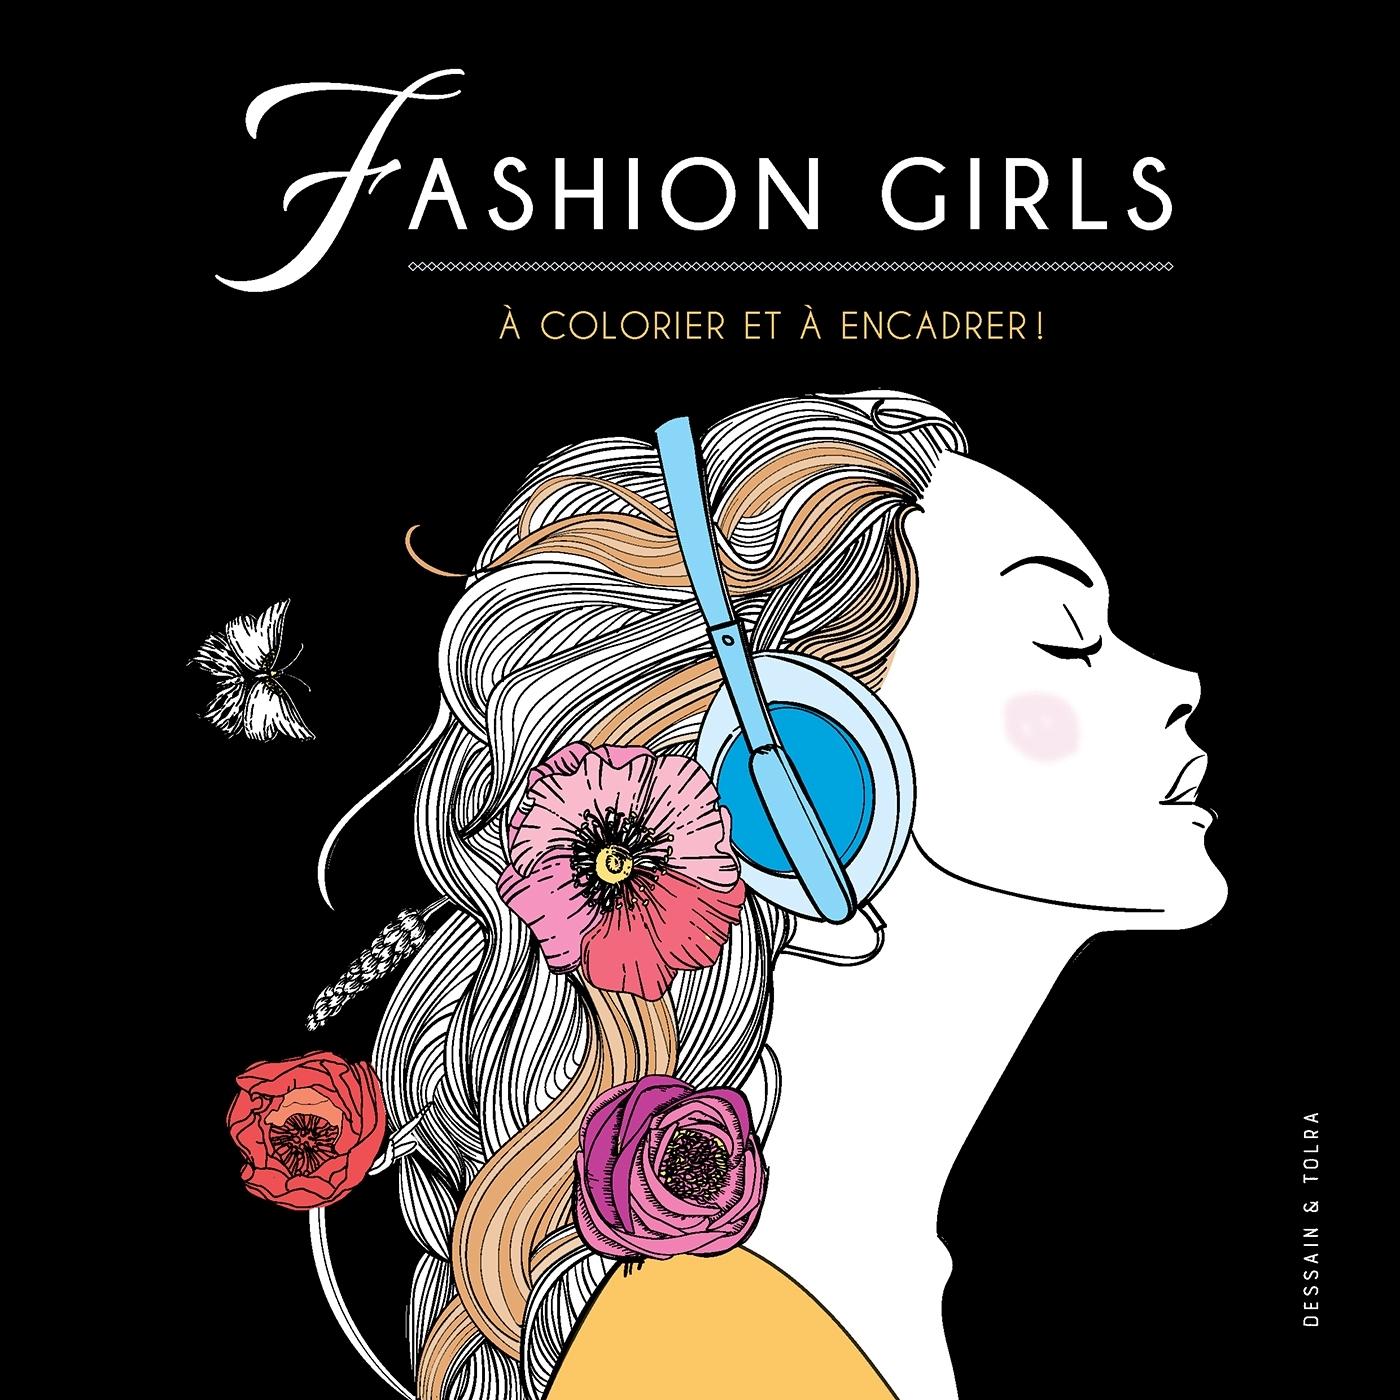 FASHION GIRLS - A COLORIER ET A ENCADRER